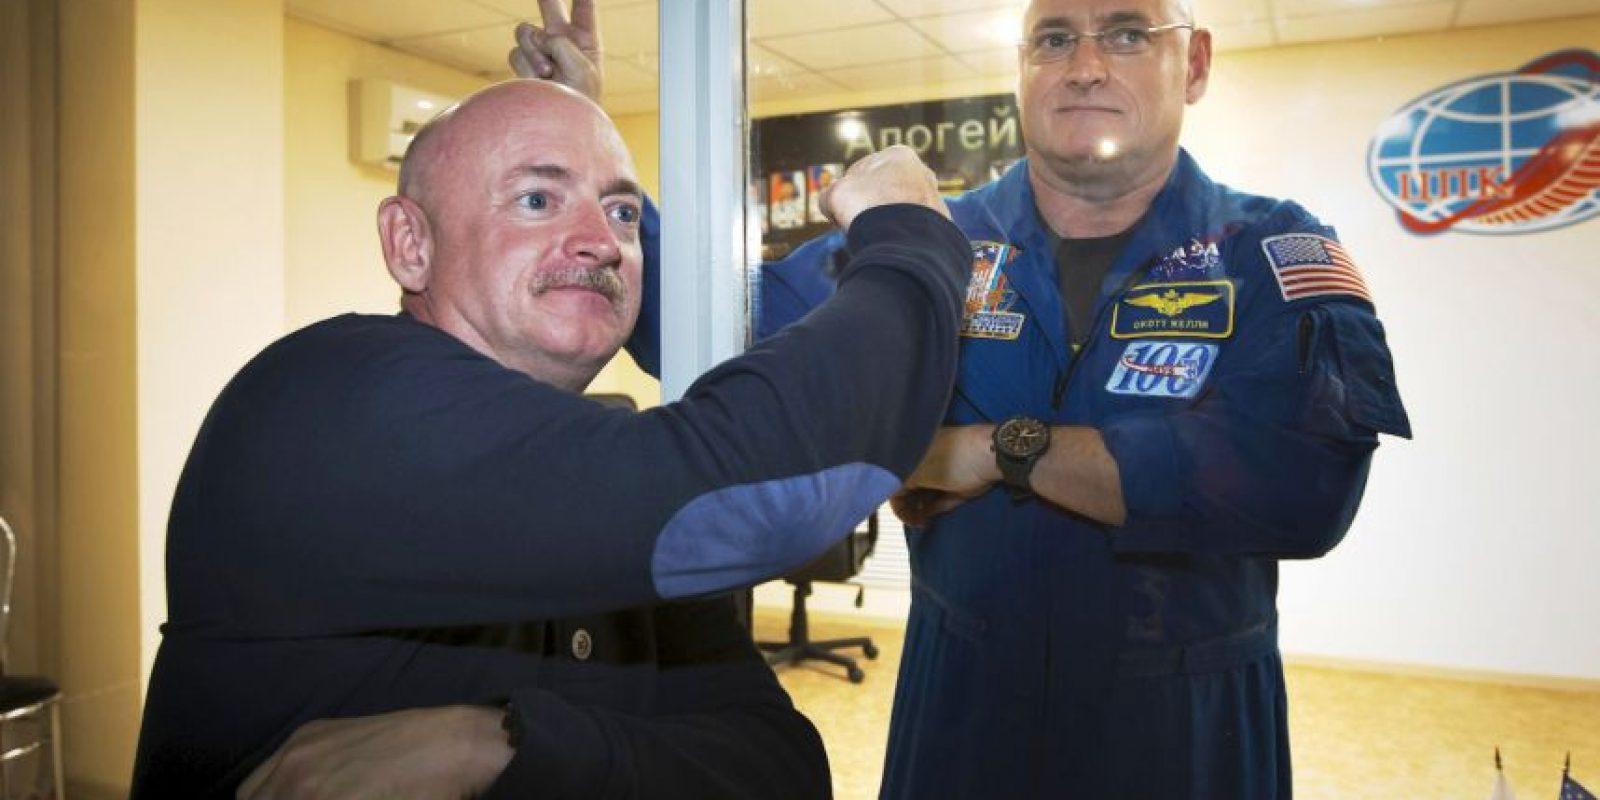 Scott y Mark Kelly, hermanos astronautas y ambos han realizado caminatas espaciales Foto:AP